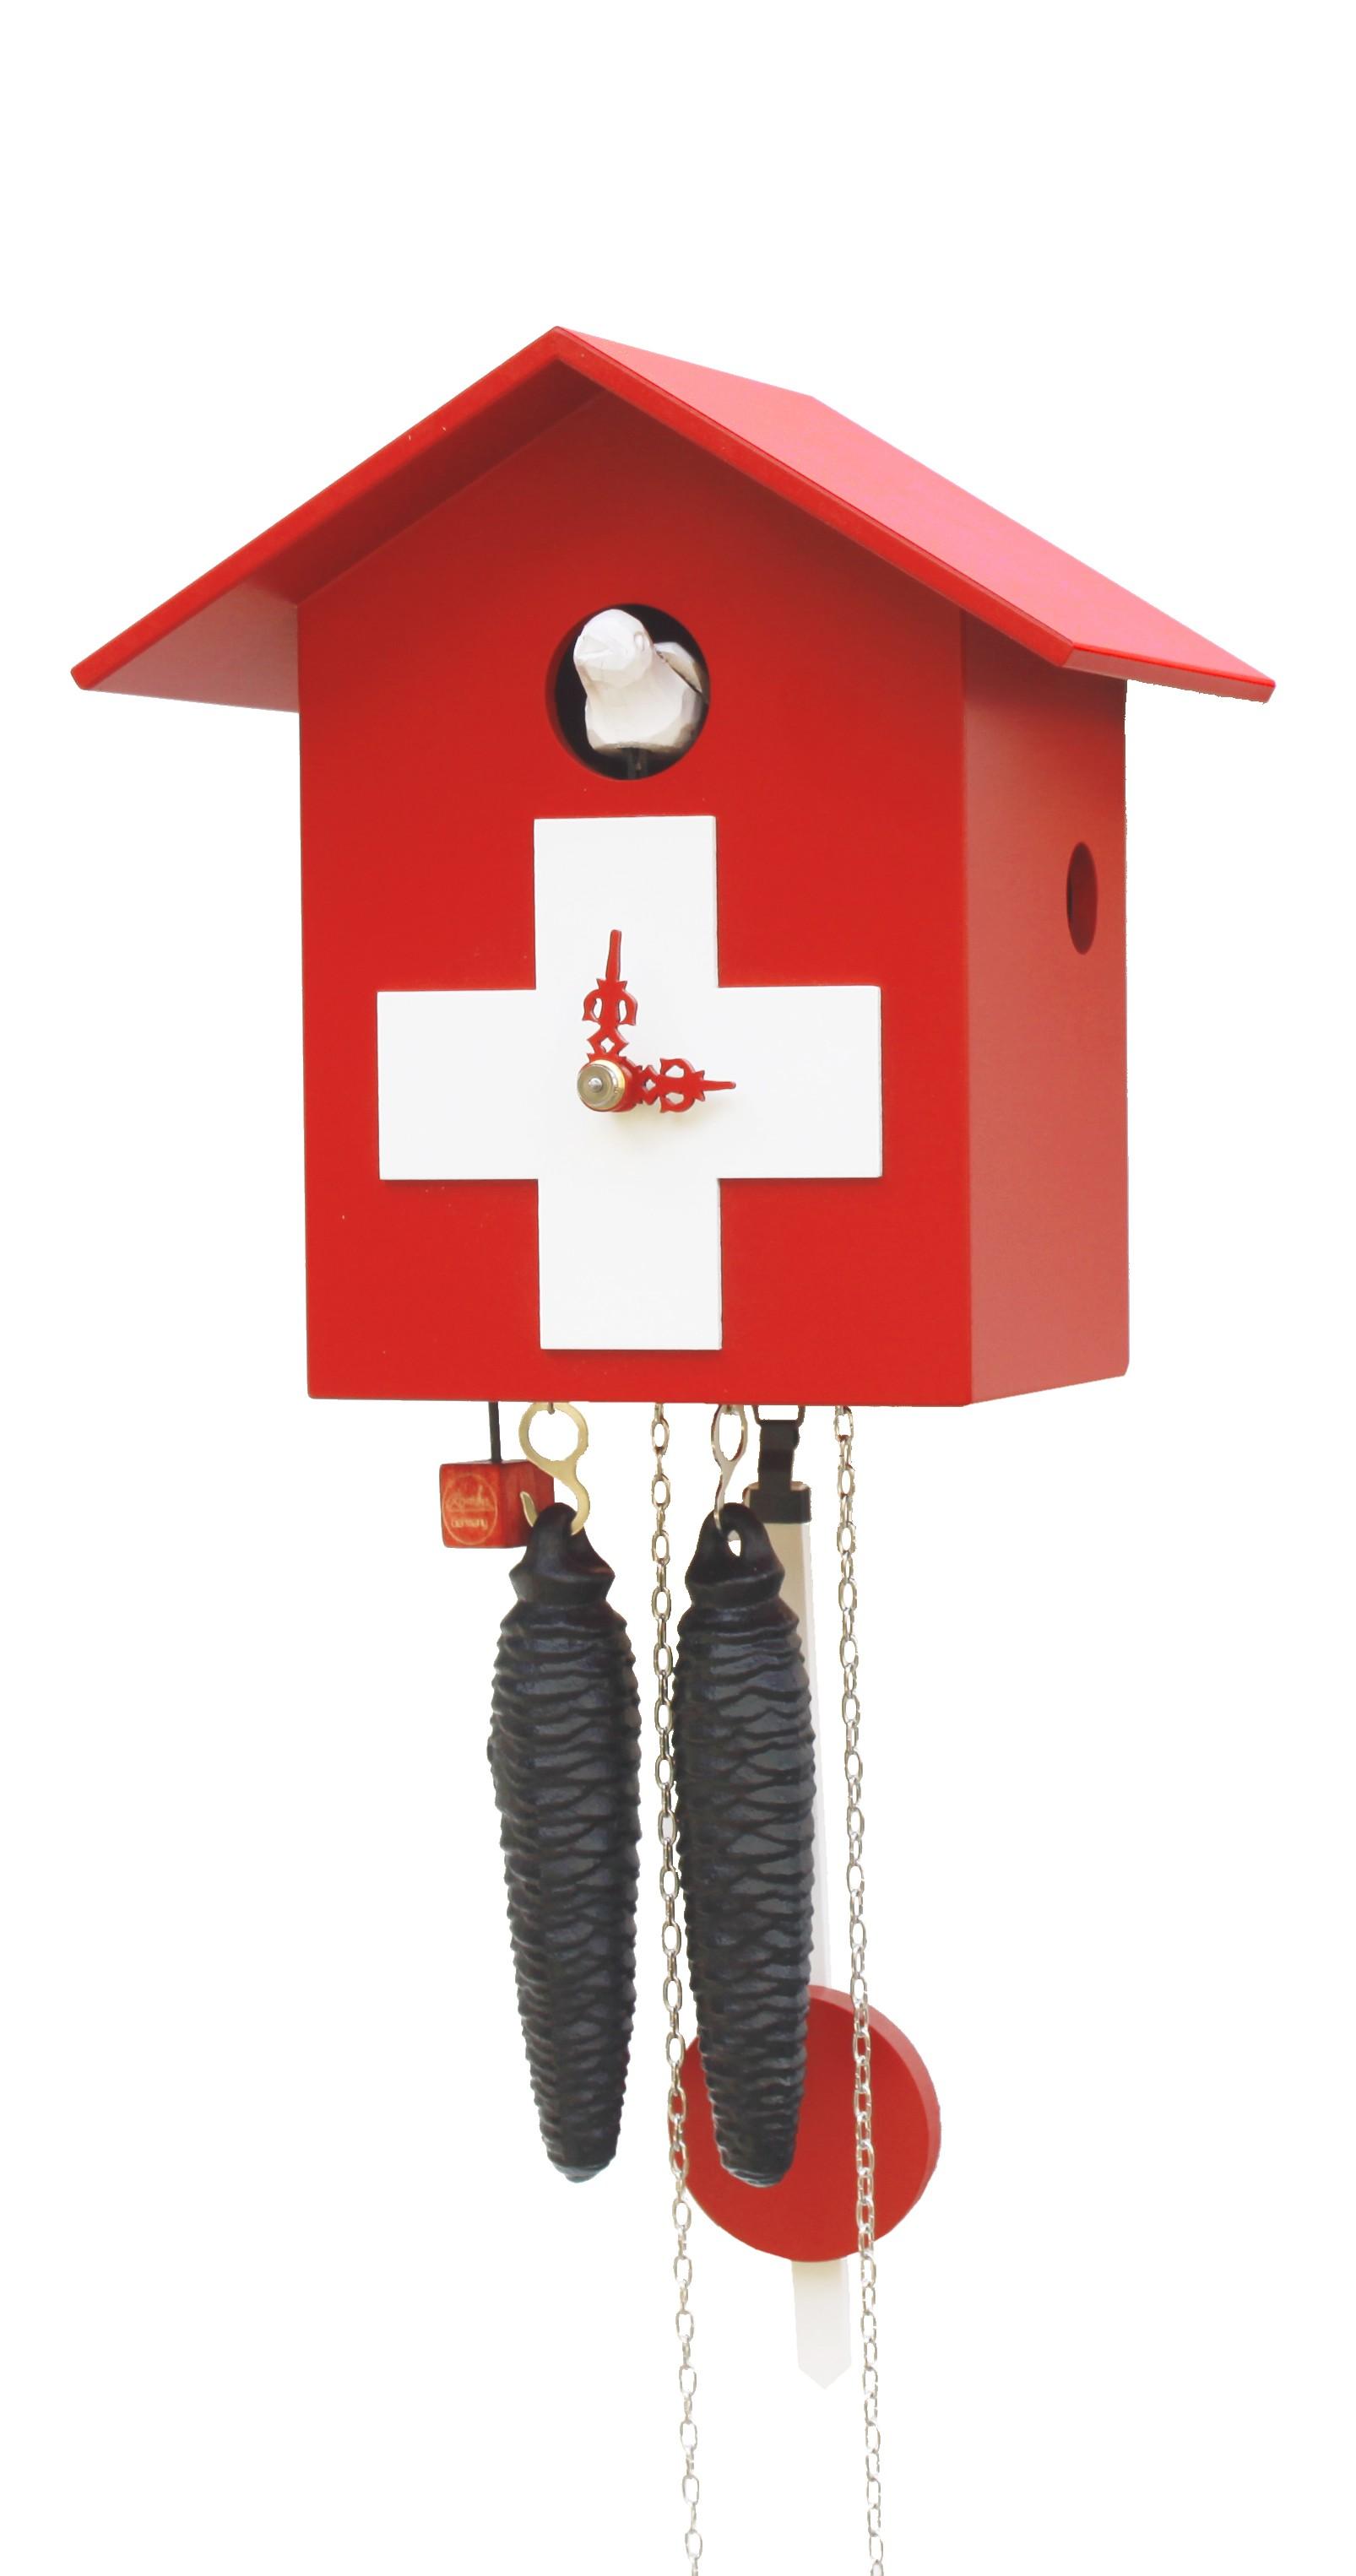 Moderne kuckucksuhr 1 tag werk schweizer haus for Moderne kuckucksuhren